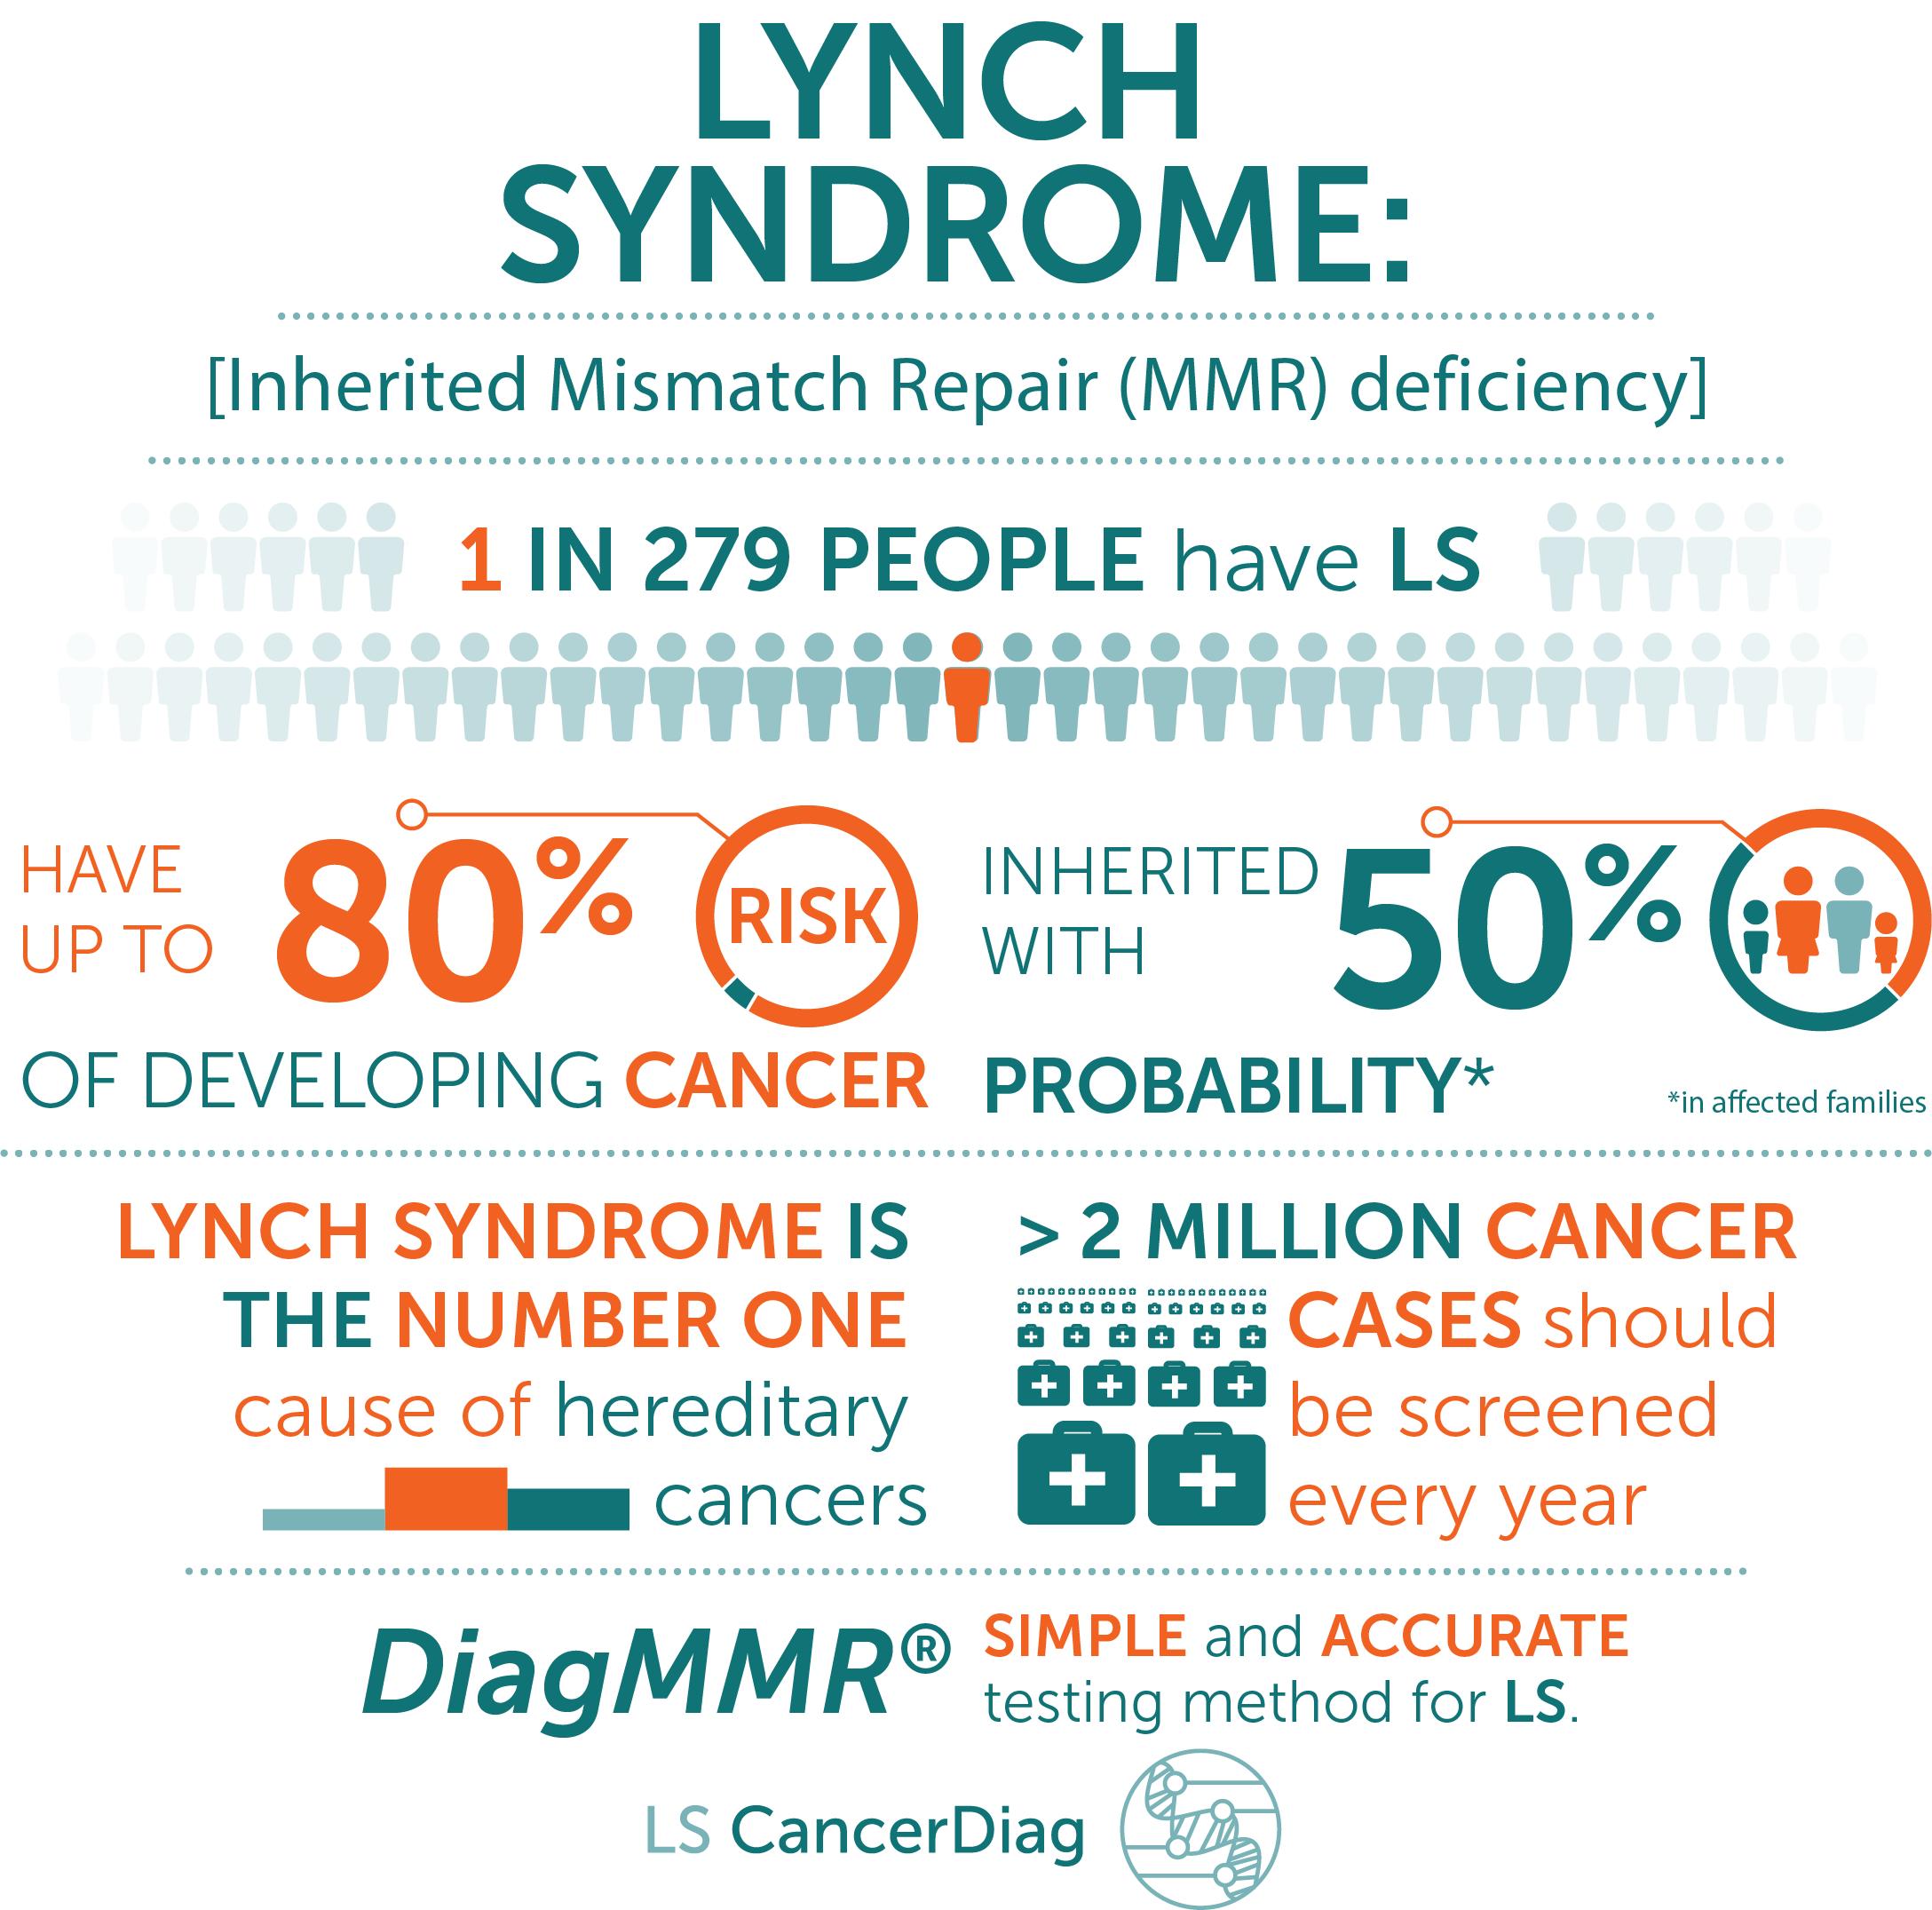 Statistiche sulla sindrome di Lynch